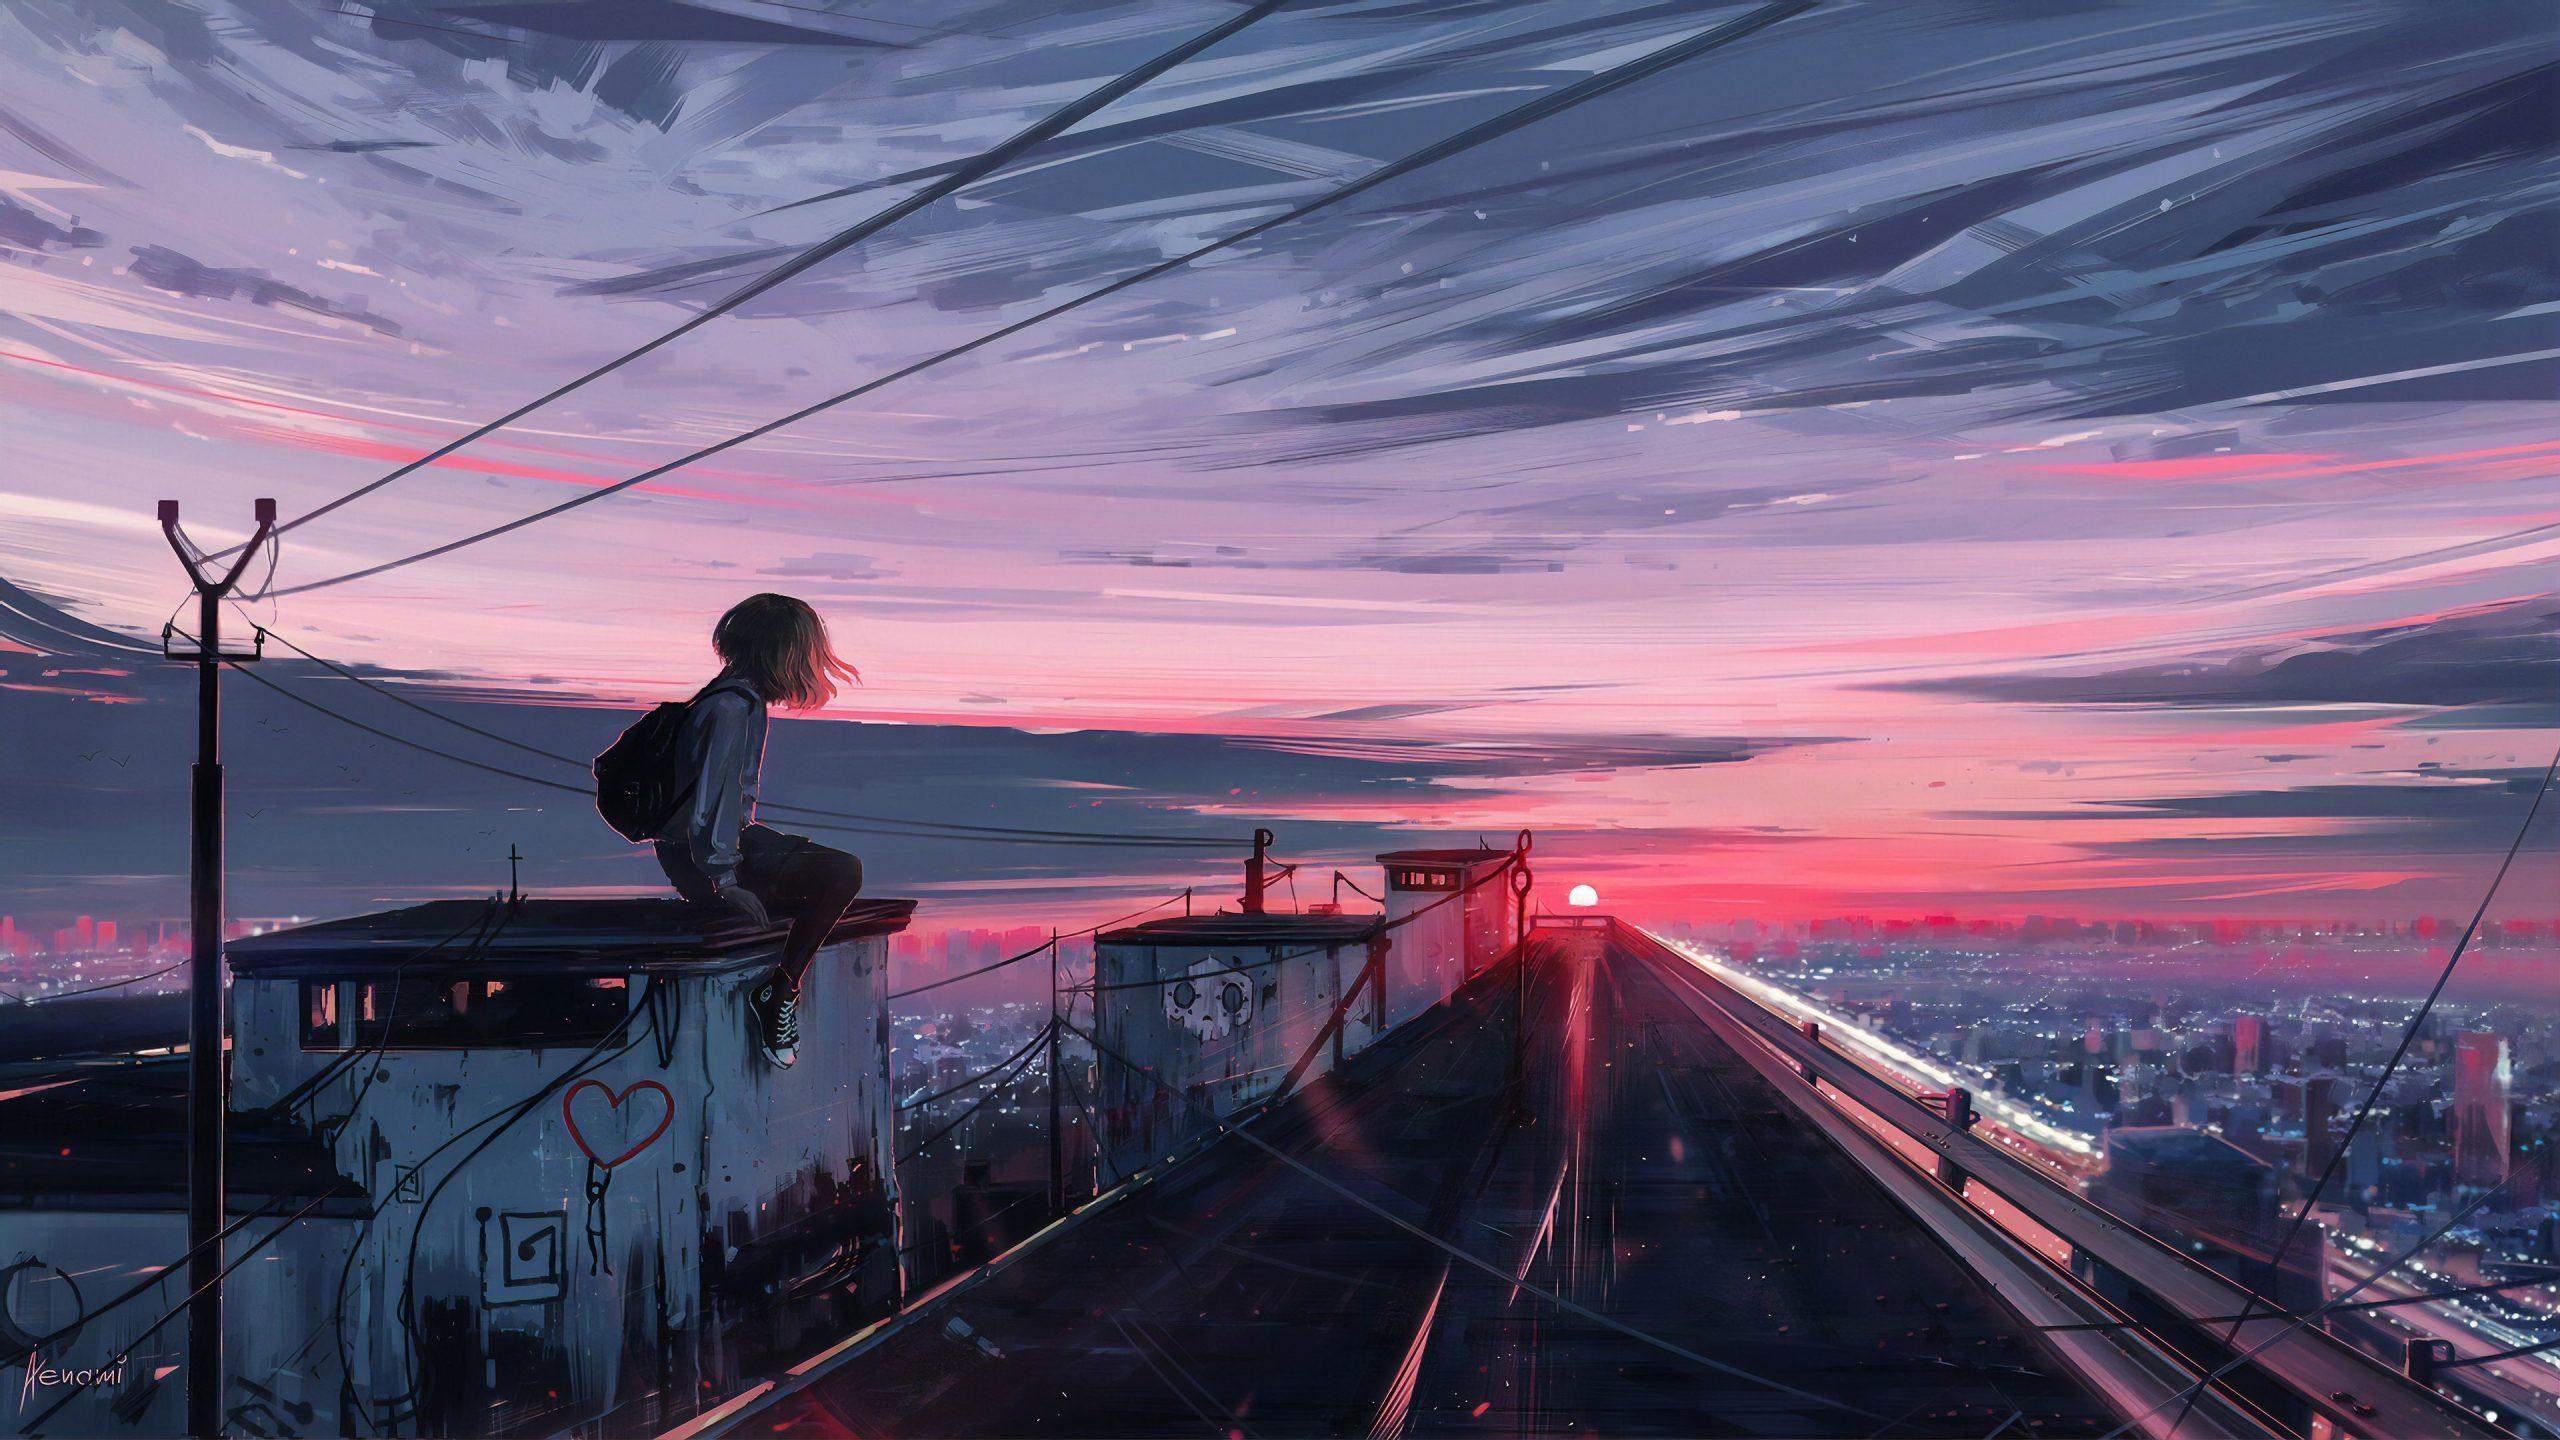 Anime Roofline Girl 4K Wallpaper scaled